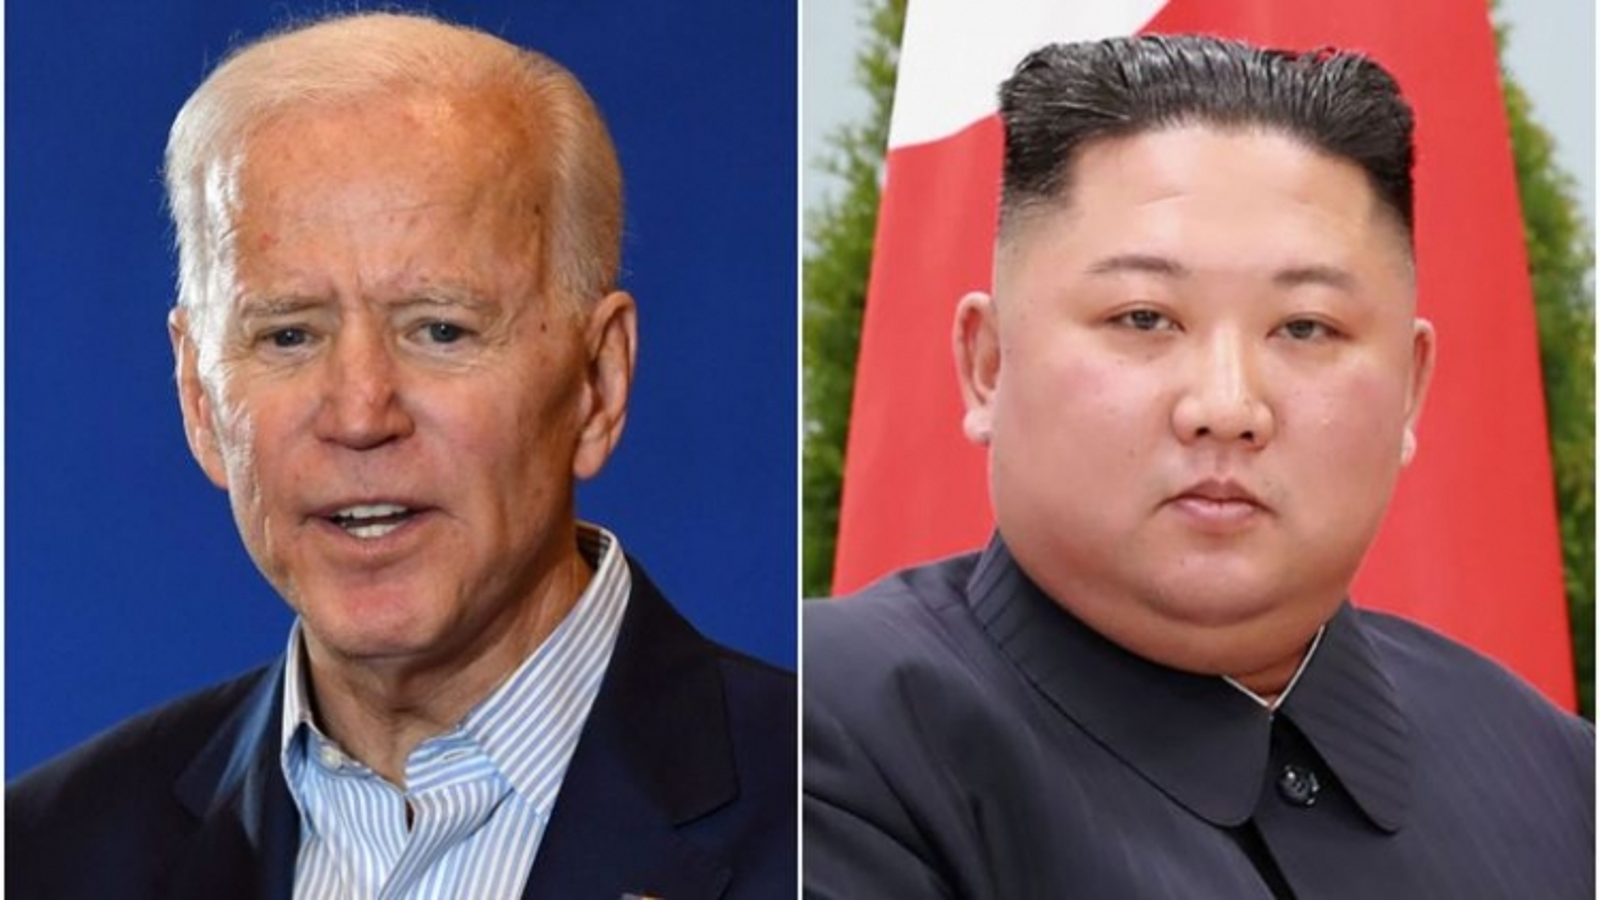 Tổng thống Mỹ Biden không có ý định gặp nhà lãnh đạo Triều Tiên Kim Jong-un